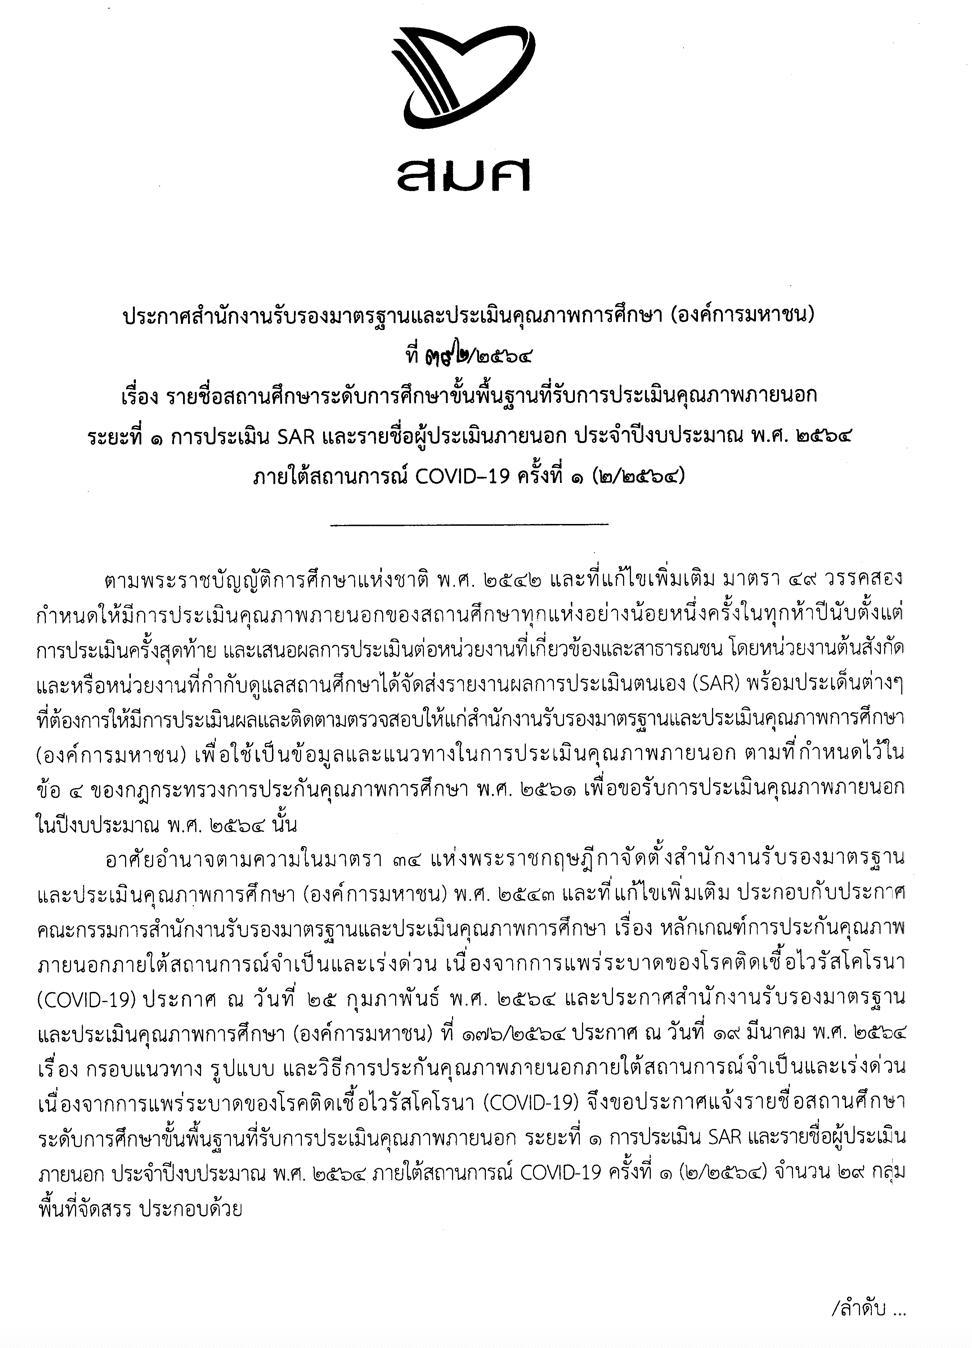 สมศ.ประกาศรายชื่อสถานศึกษา ที่รับการประเมินคุณภาพภายนอกระยะที่ 1 การประเมิน SAR และรายชื่อผู้ประเมินภายนอก ประจำปีงบประมาณ พ.ศ.2564